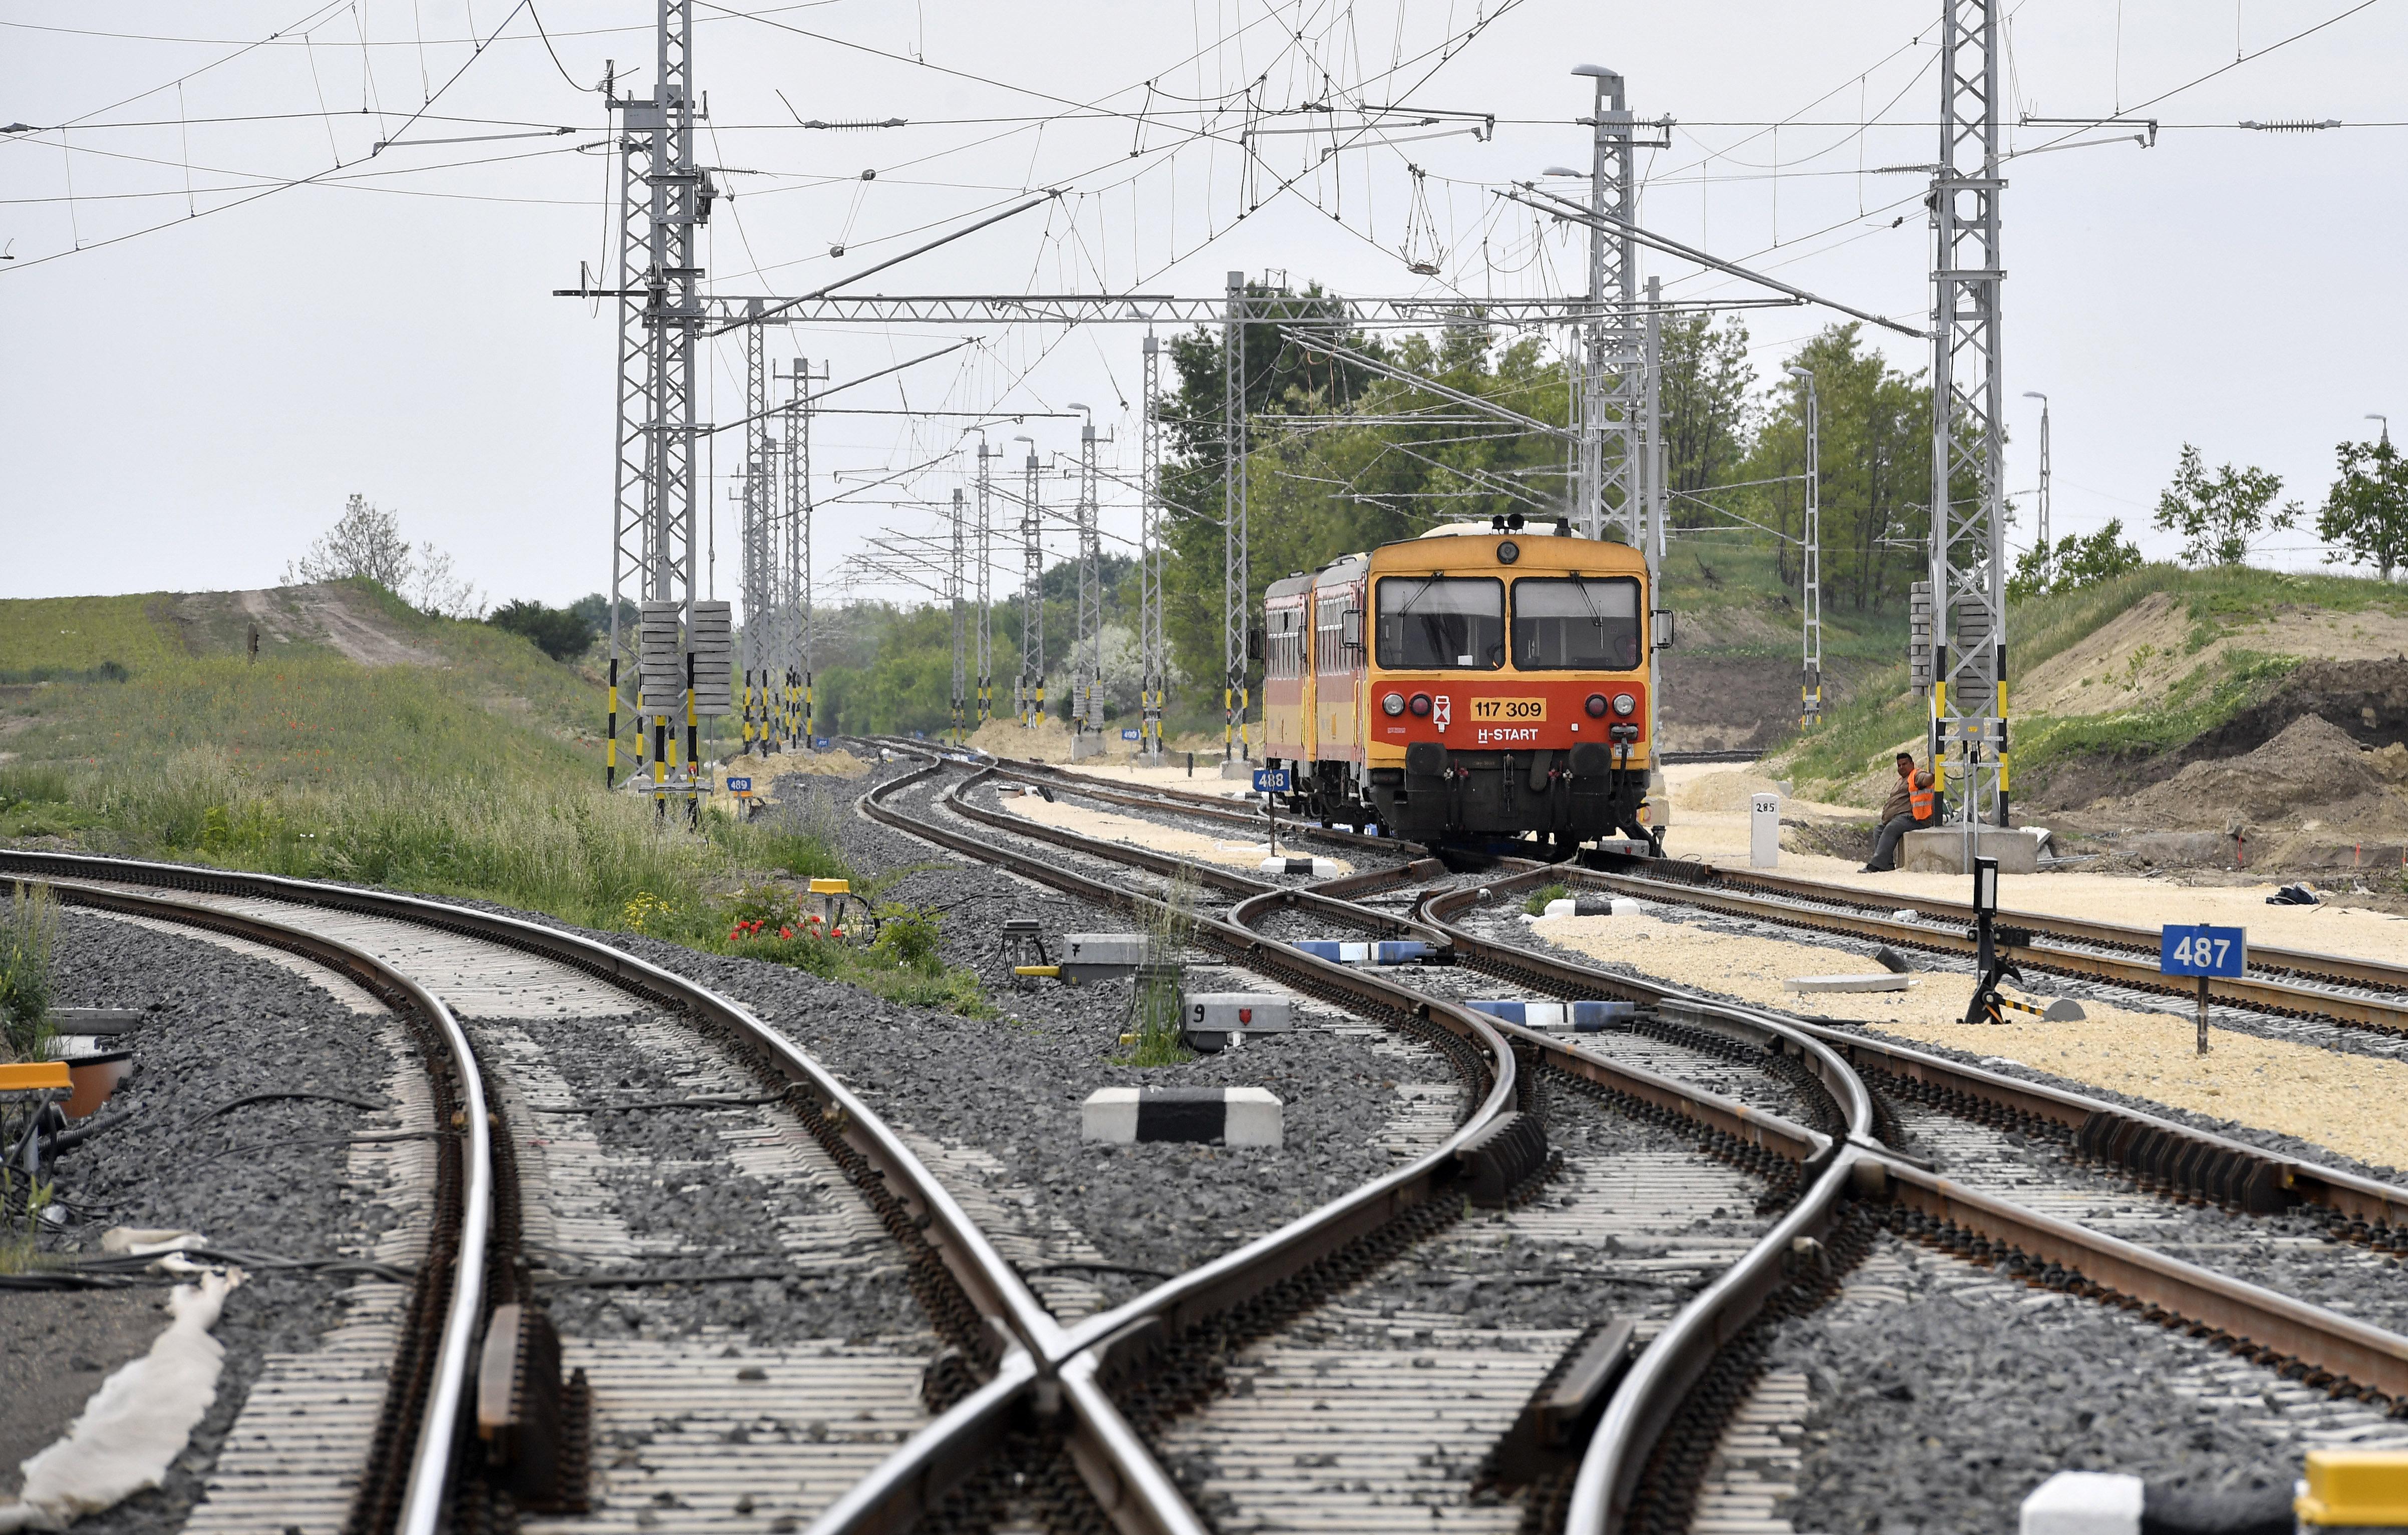 Tíz vasútvonalon visszavonja a minisztérium a sokat kritizált járatritkítást